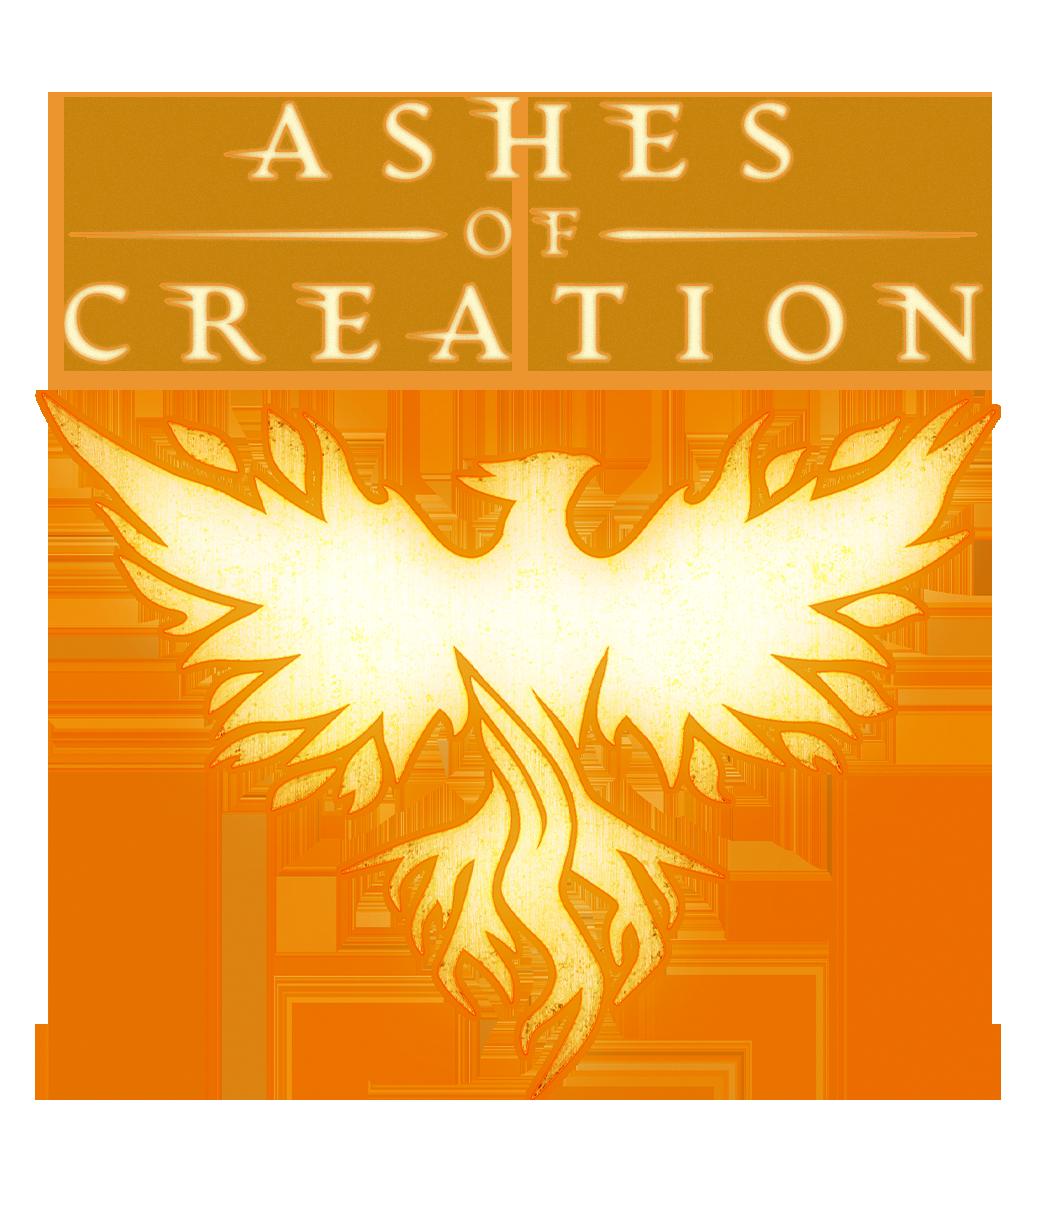 Comunidad Española de Ashes of Creation, foro, noticias, videos, nodos, razas, clases, profesiones, pve, pvp